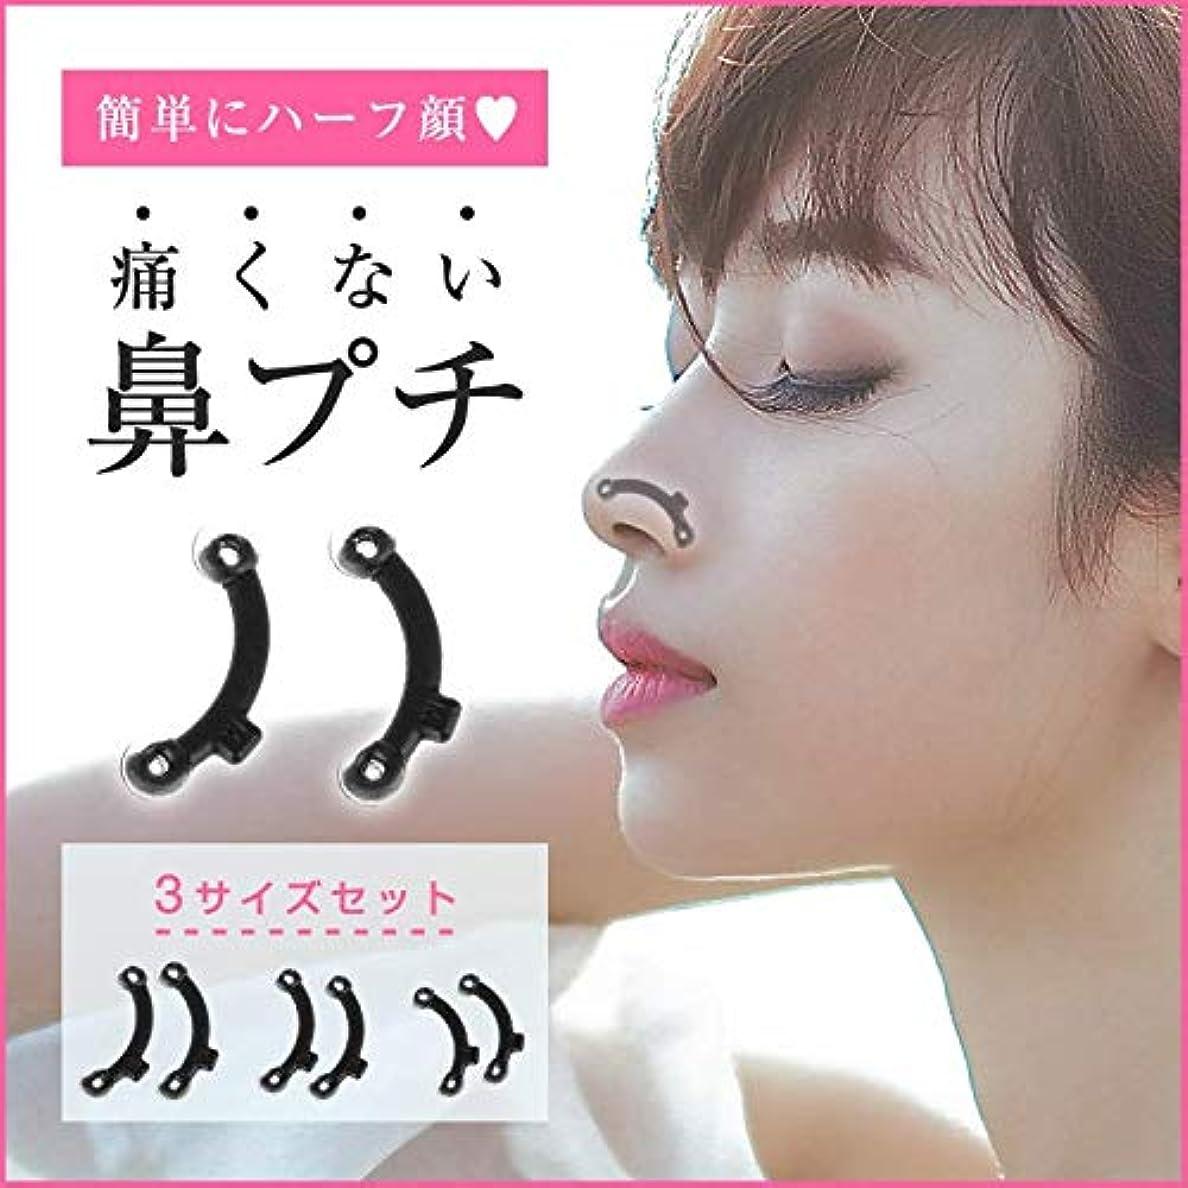 バリケード革命的むき出し【ジェーン粧】 鼻プチ コポン 、( S M L全3サイズセット)鼻筋スラりん 、鼻のアイプチ 矯正器具 プチ整形